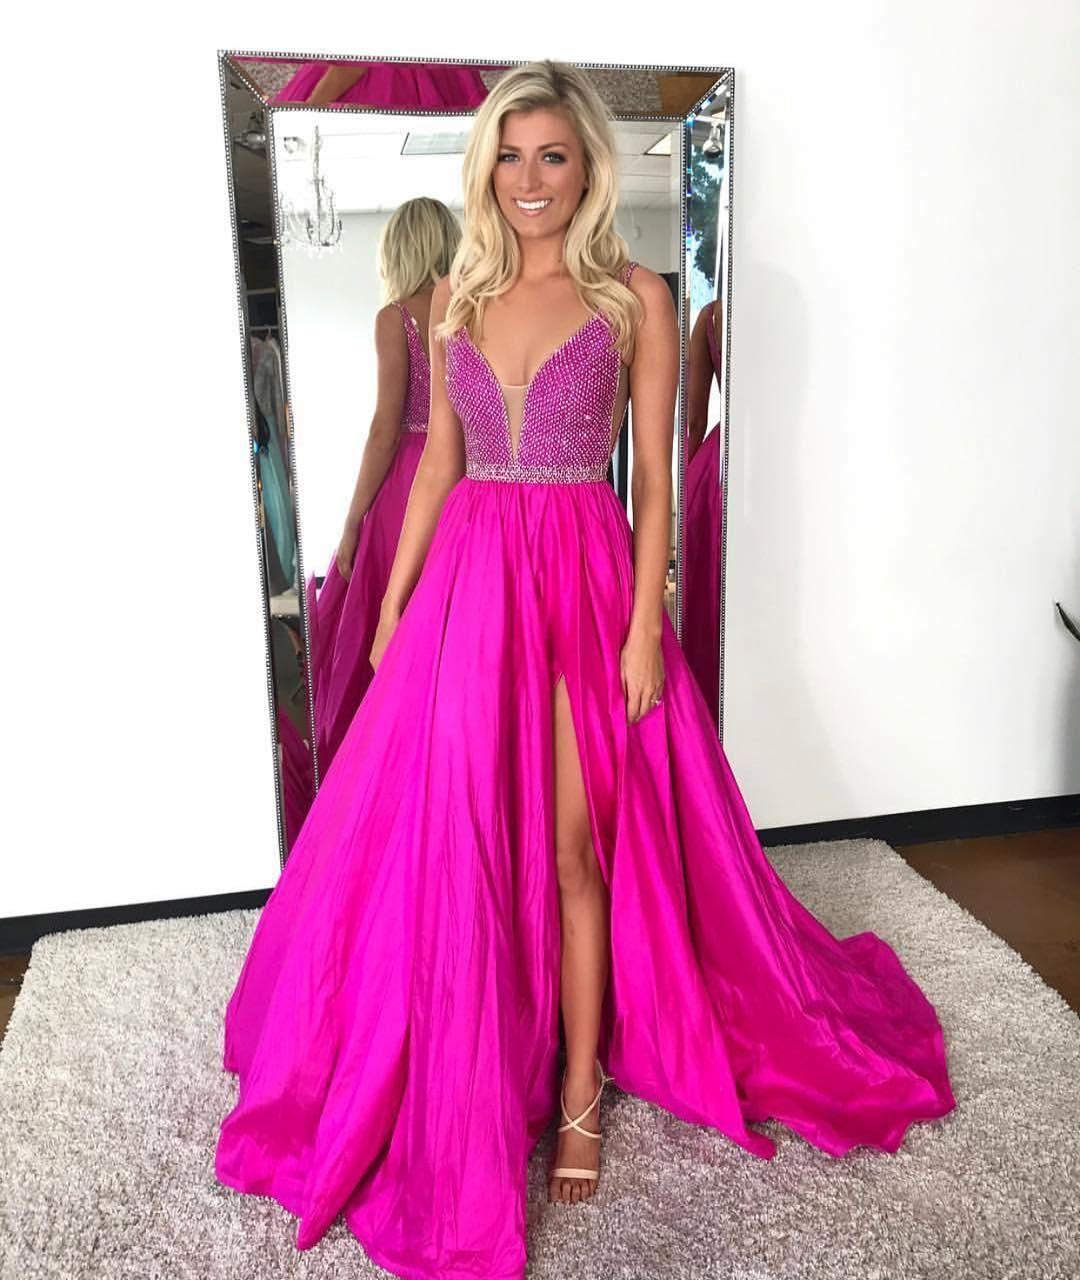 Bonito Tienda De Vestido De Fiesta En Nueva York Imagen - Colección ...